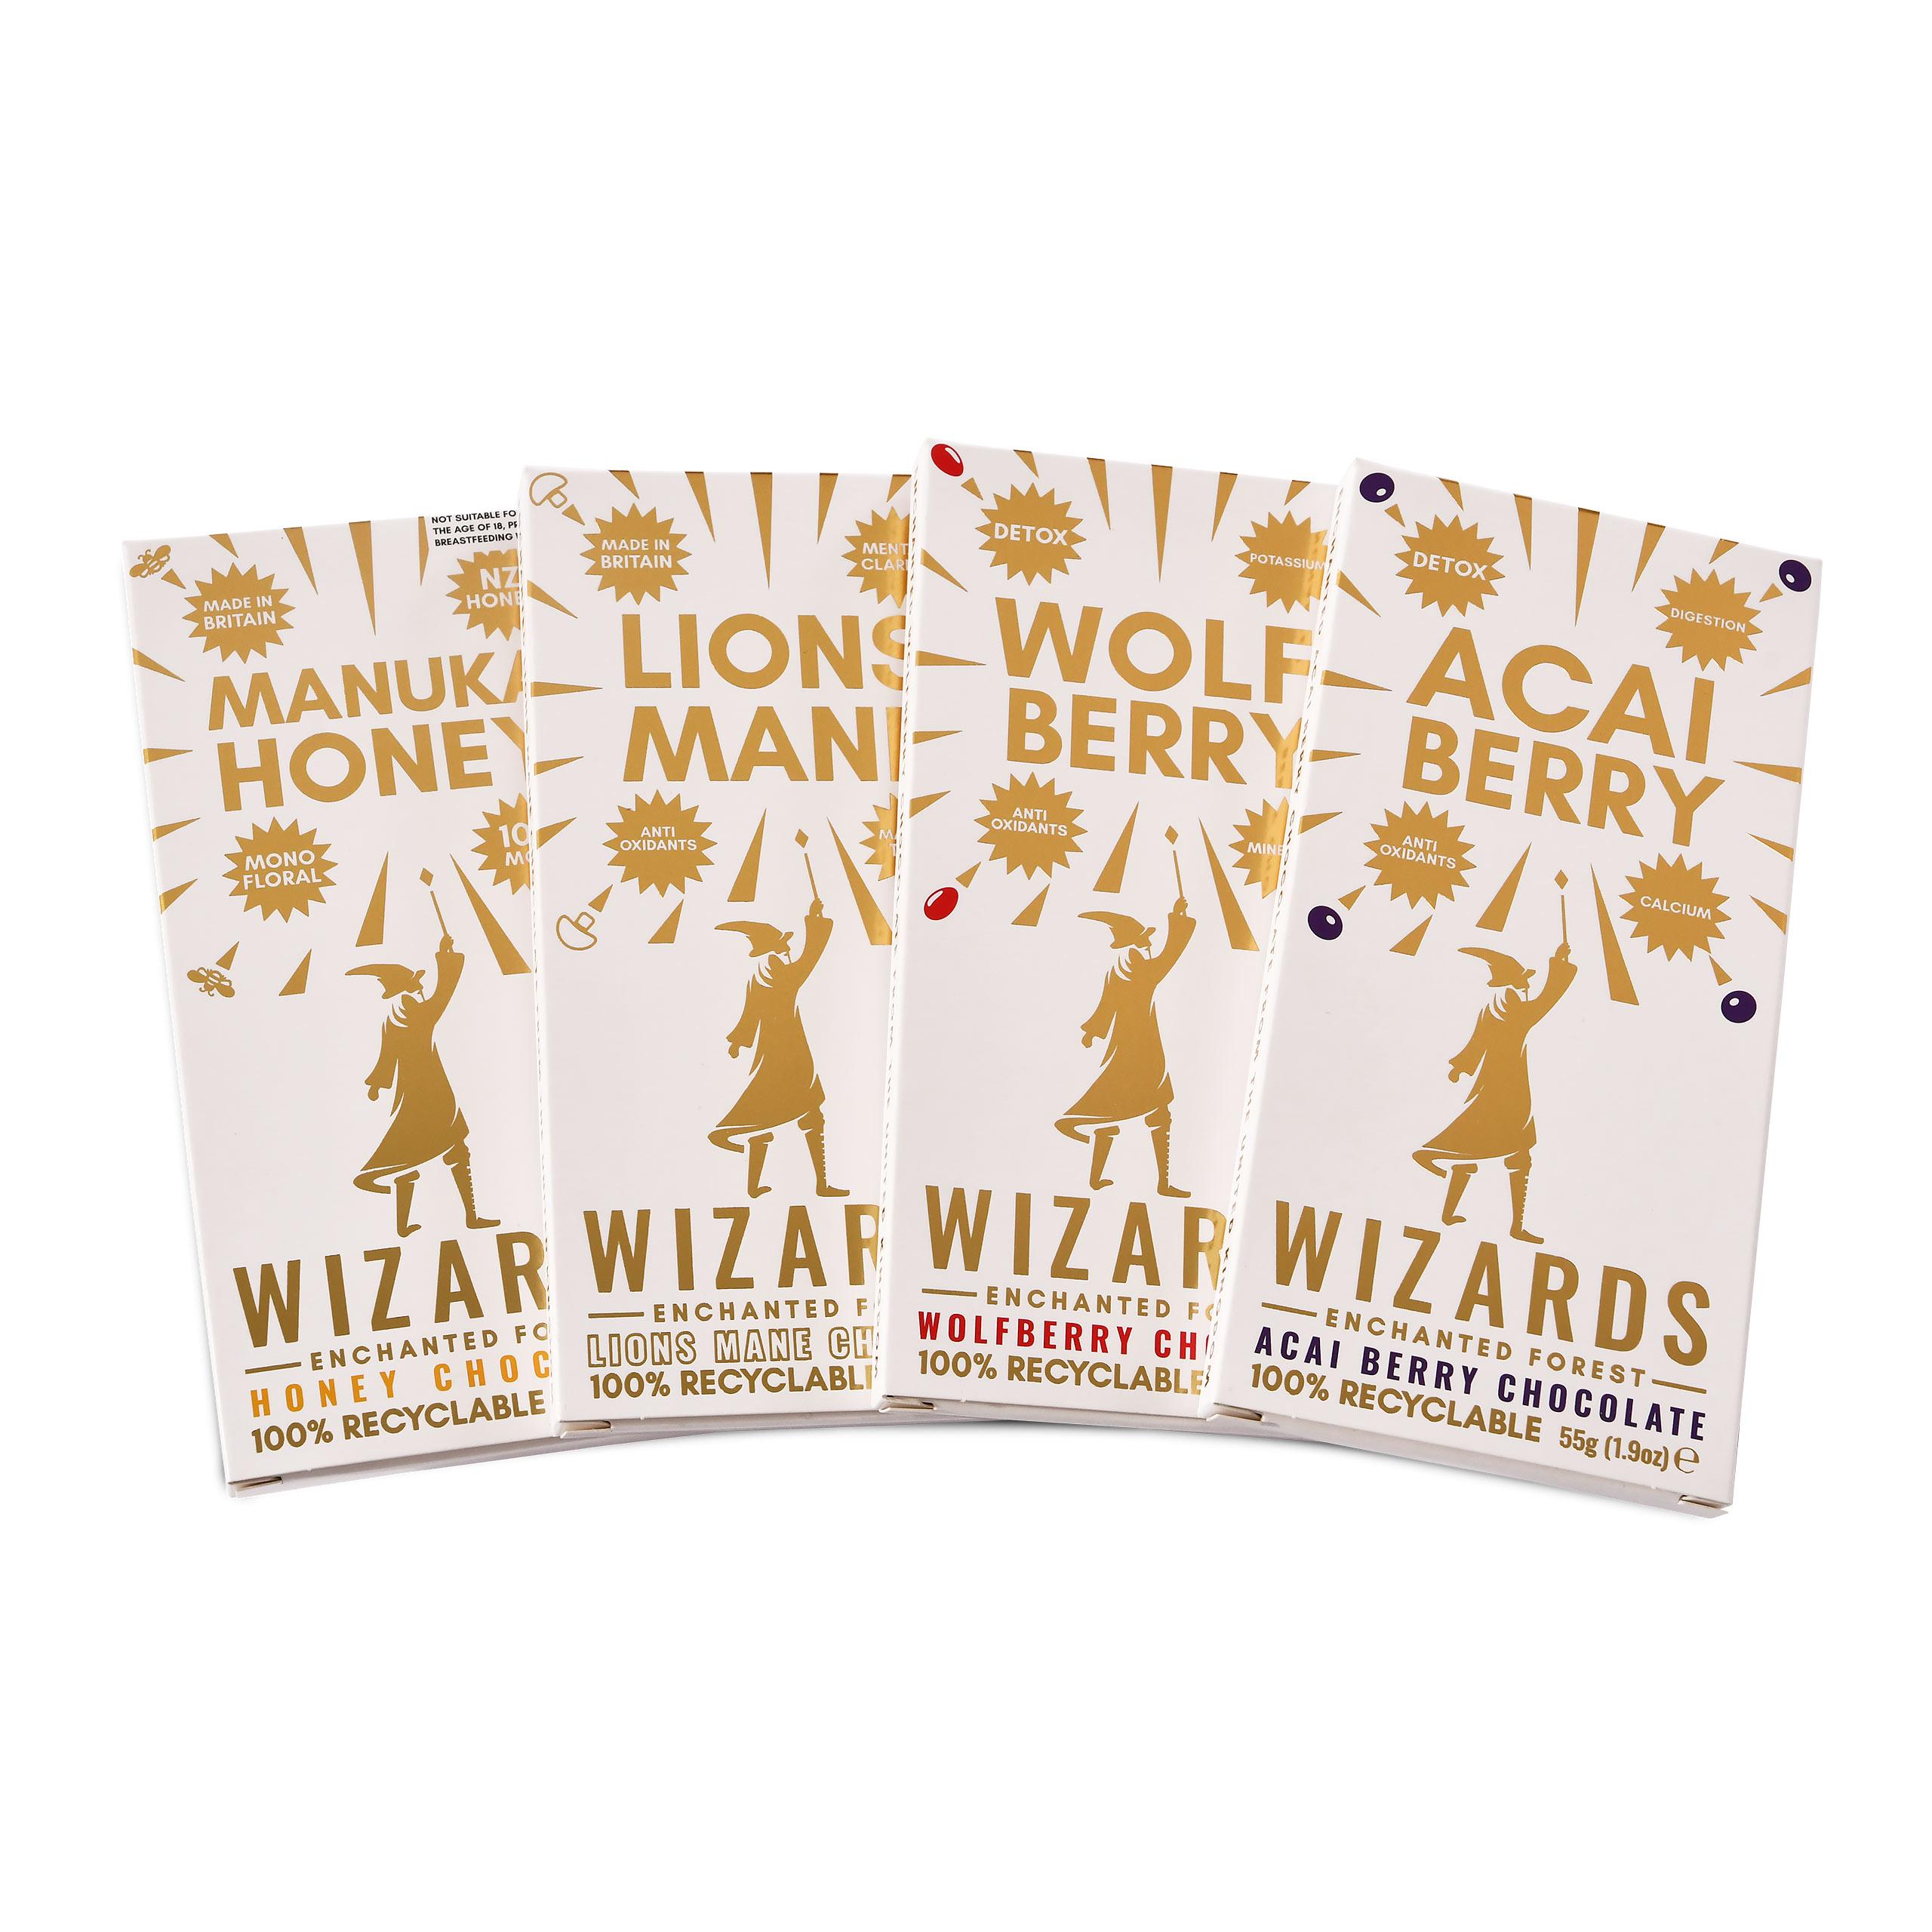 Wizards Magic - Enchanted Forest Selection Schokolade 4 Tafeln